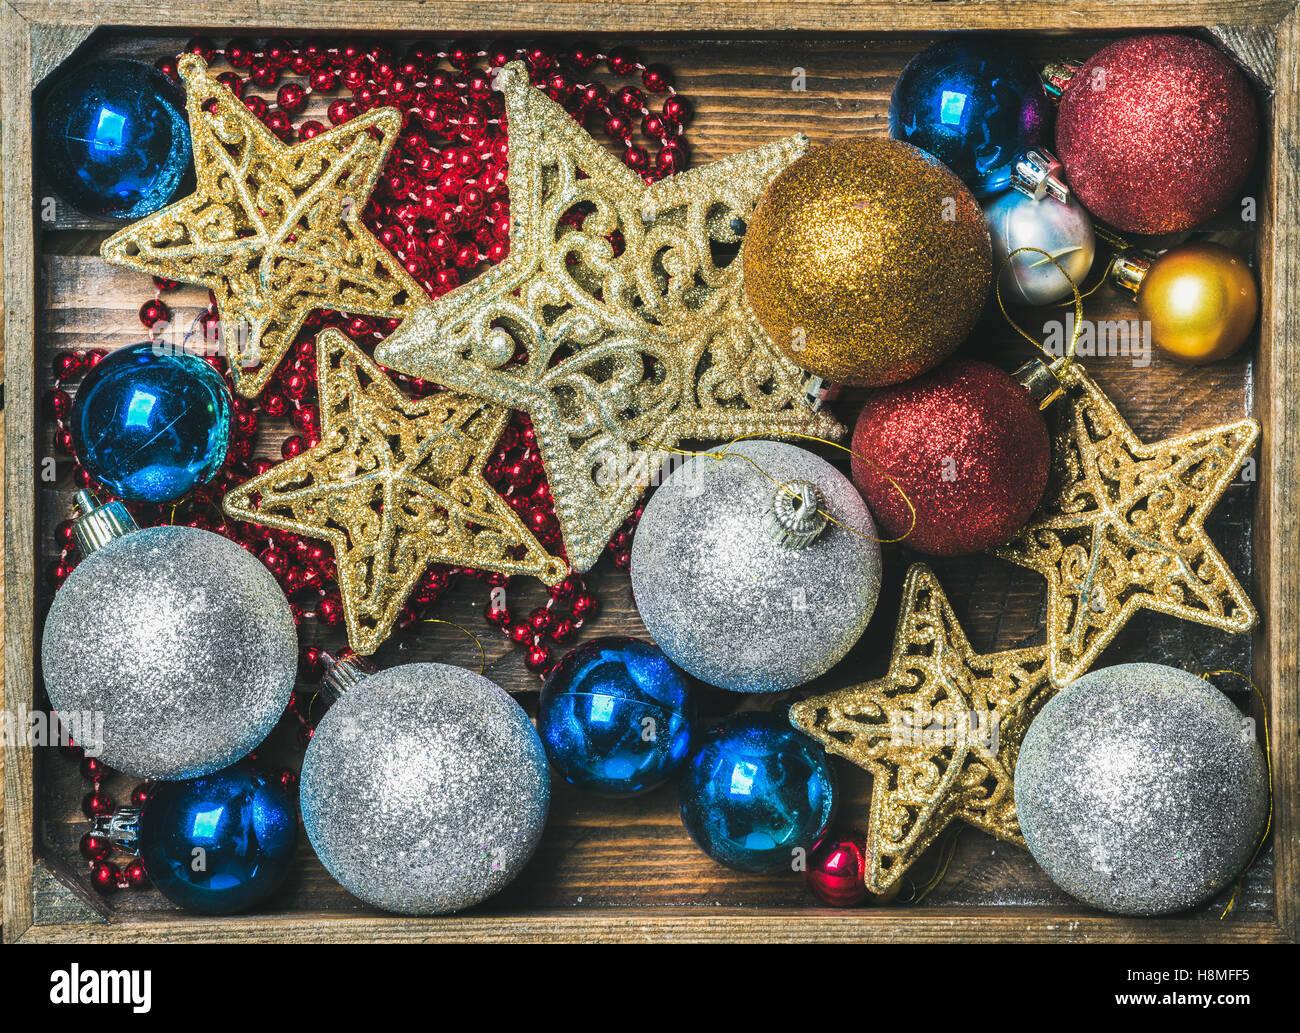 Glitzernde Spielzeug Sternen, bunten Kugeln und Girlande Weihnachtsbaum Stockfoto